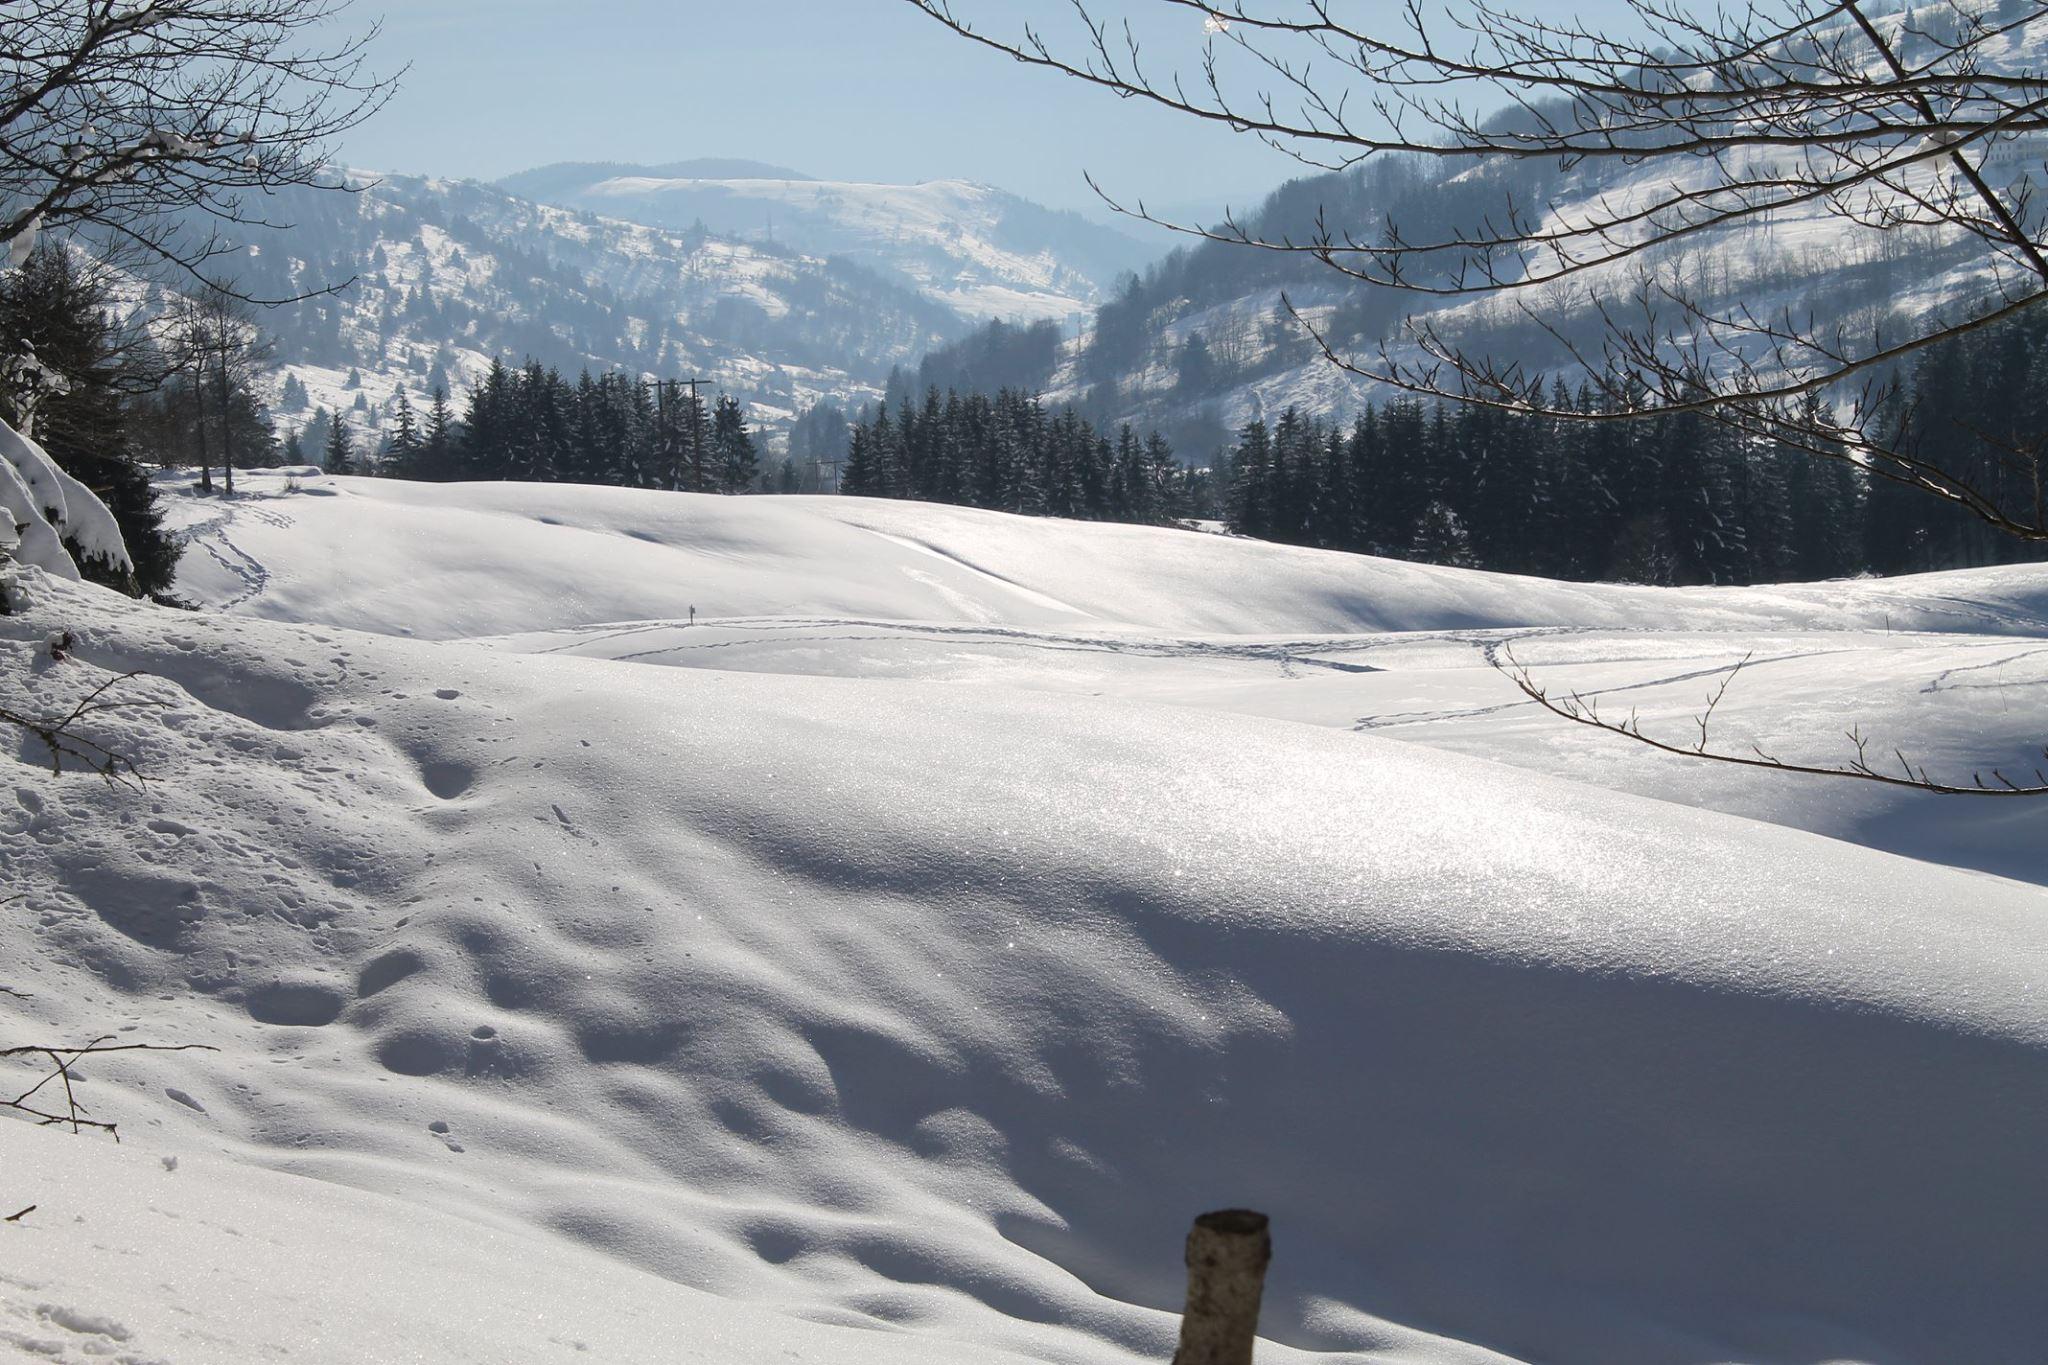 Pr visions saisonni res pour l 39 hiver 2016 2017 froid neige pluie soleil - L hiver 2017 2018 sera t il froid ...